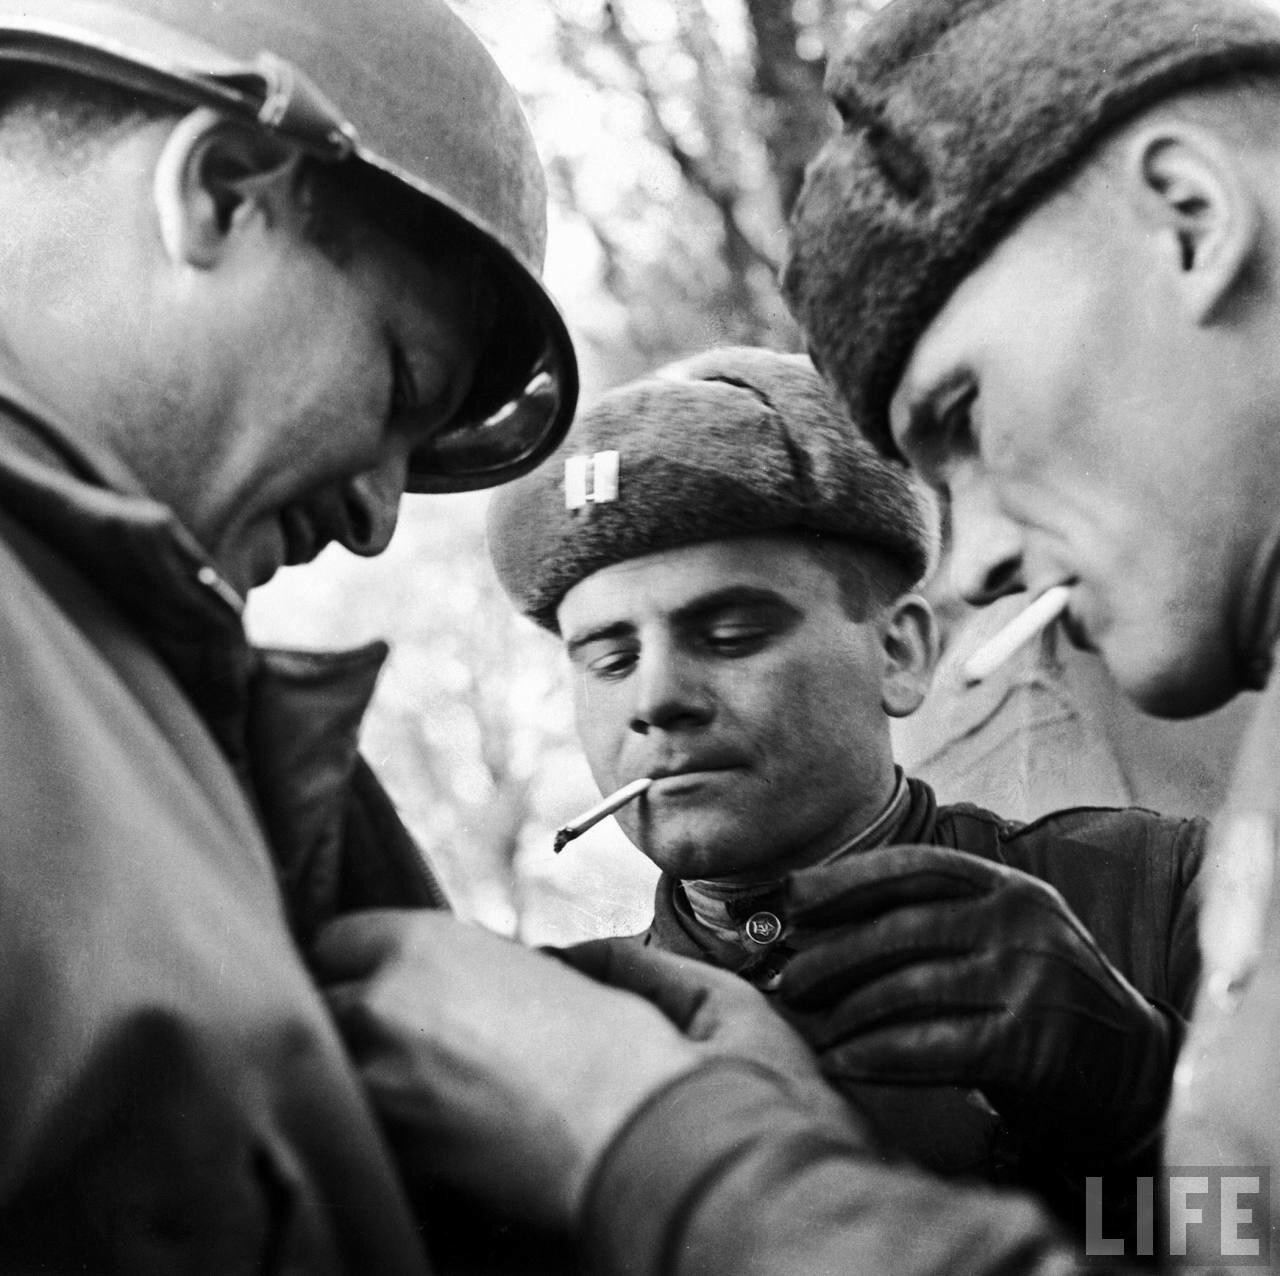 Русские солдаты и американский капитан обмениваются армейскими знаками различия